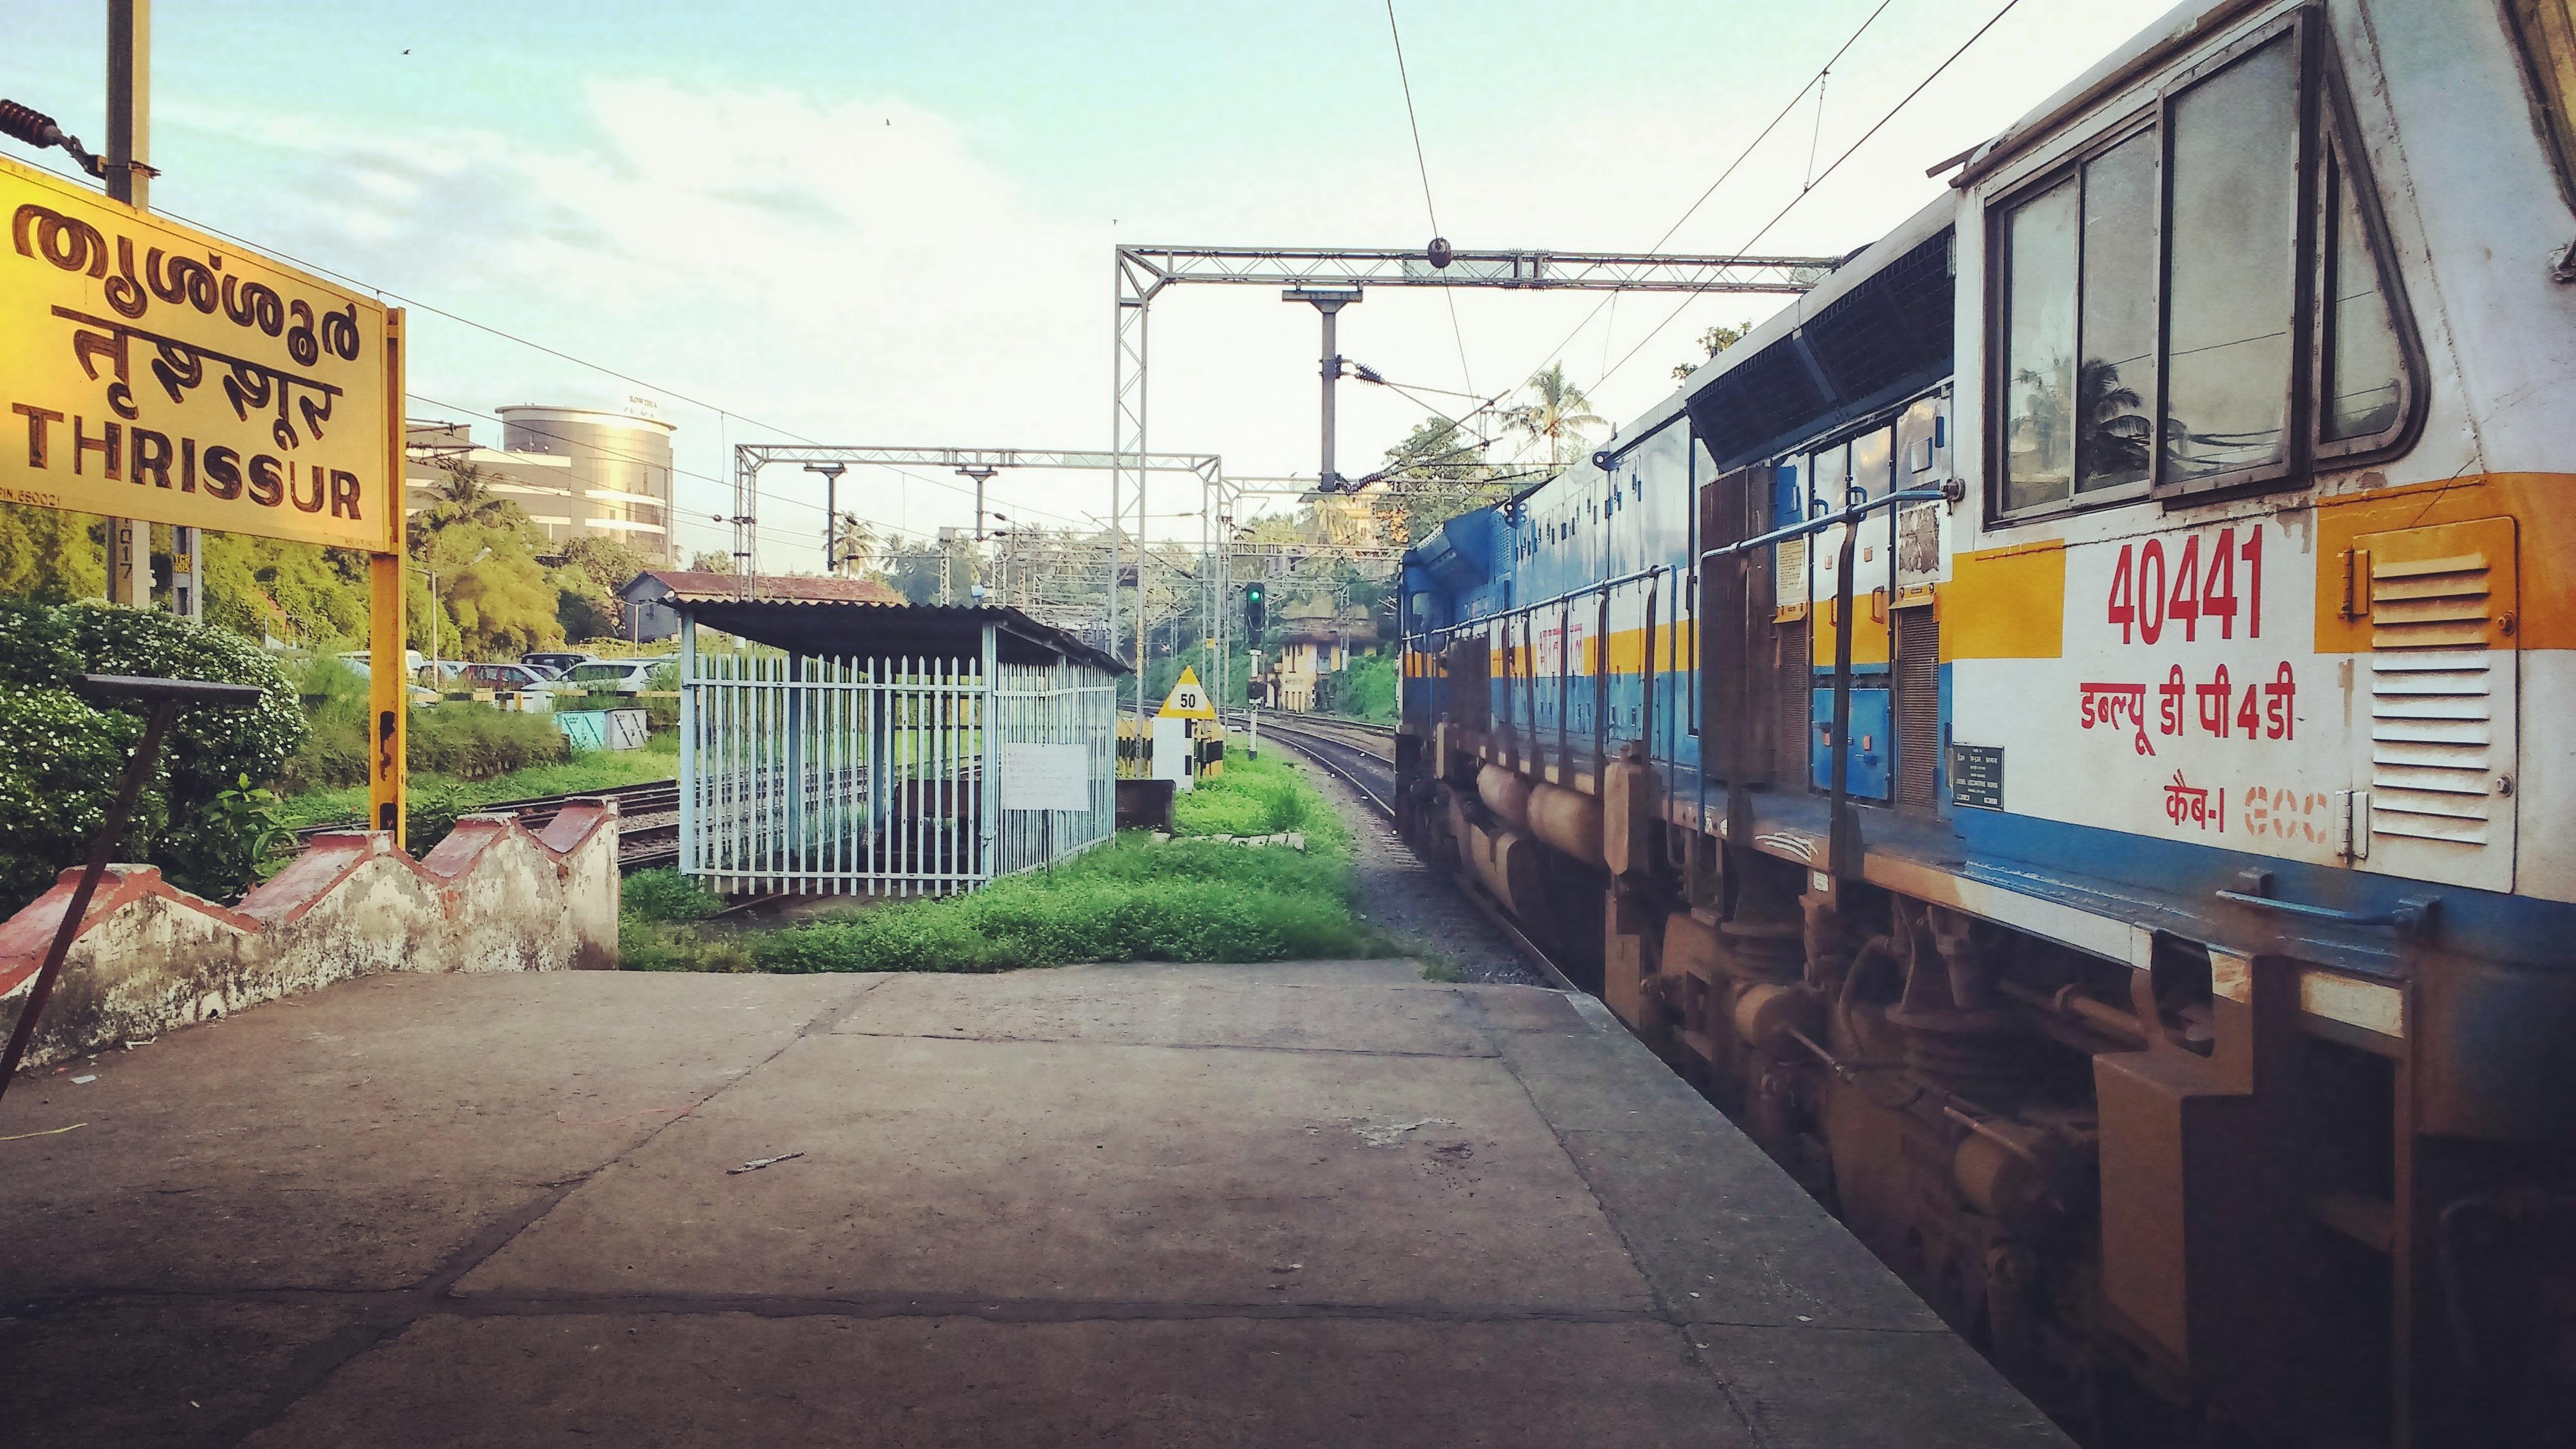 File:Thrissur Railway Station.jpg - Wikipedia